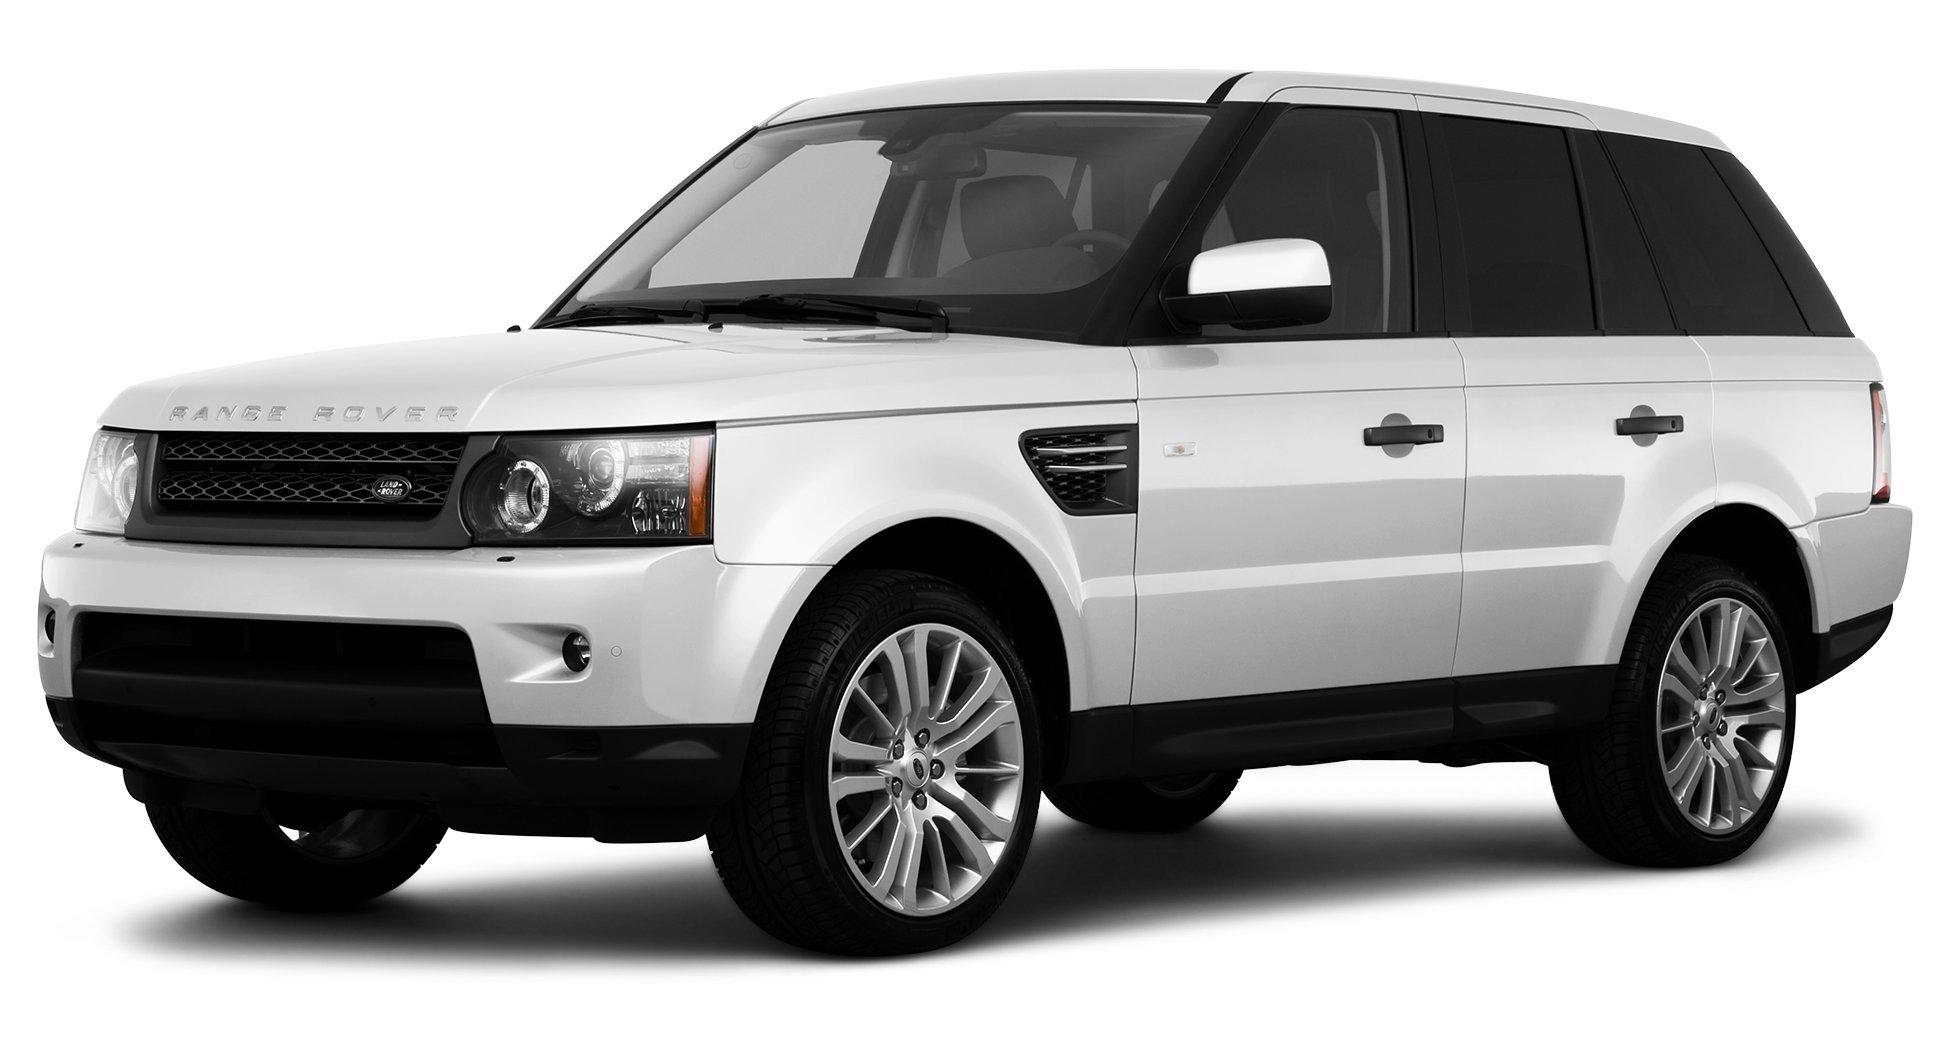 2010 land rover range rover sport reviews. Black Bedroom Furniture Sets. Home Design Ideas